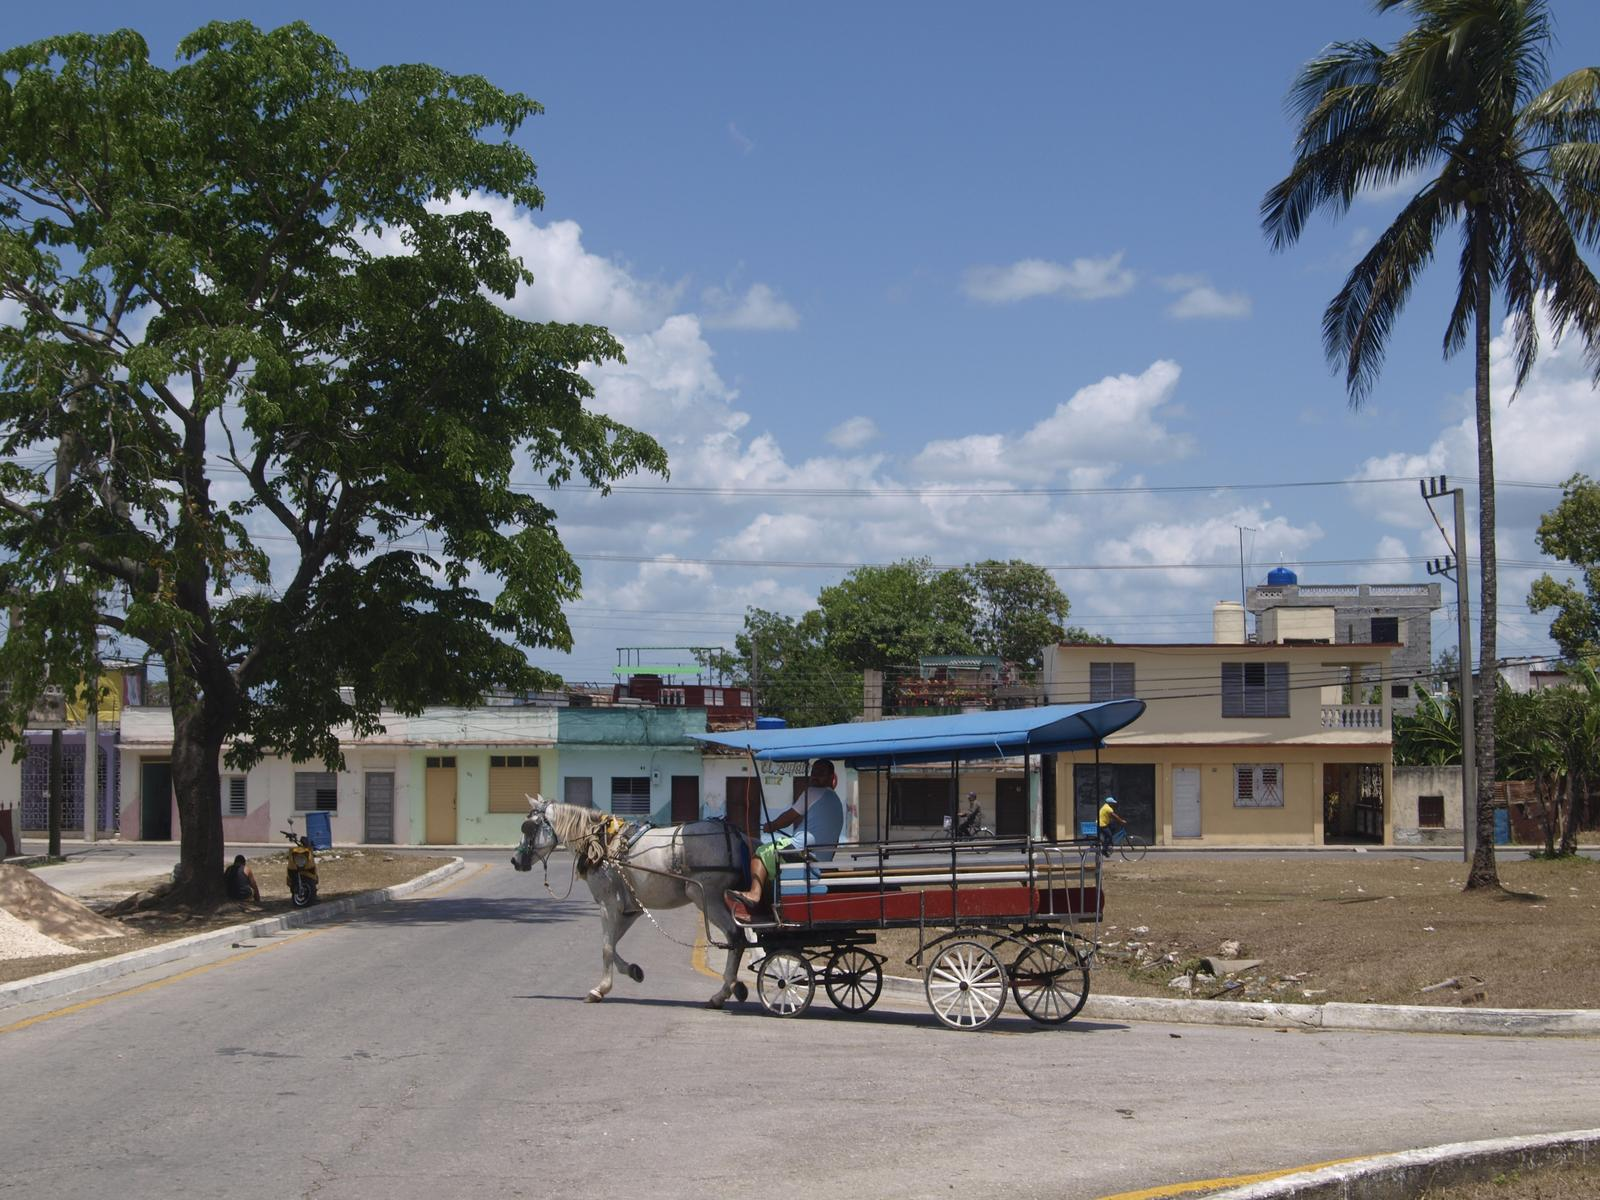 Kuba architektúra - niekde pri Santa Clara